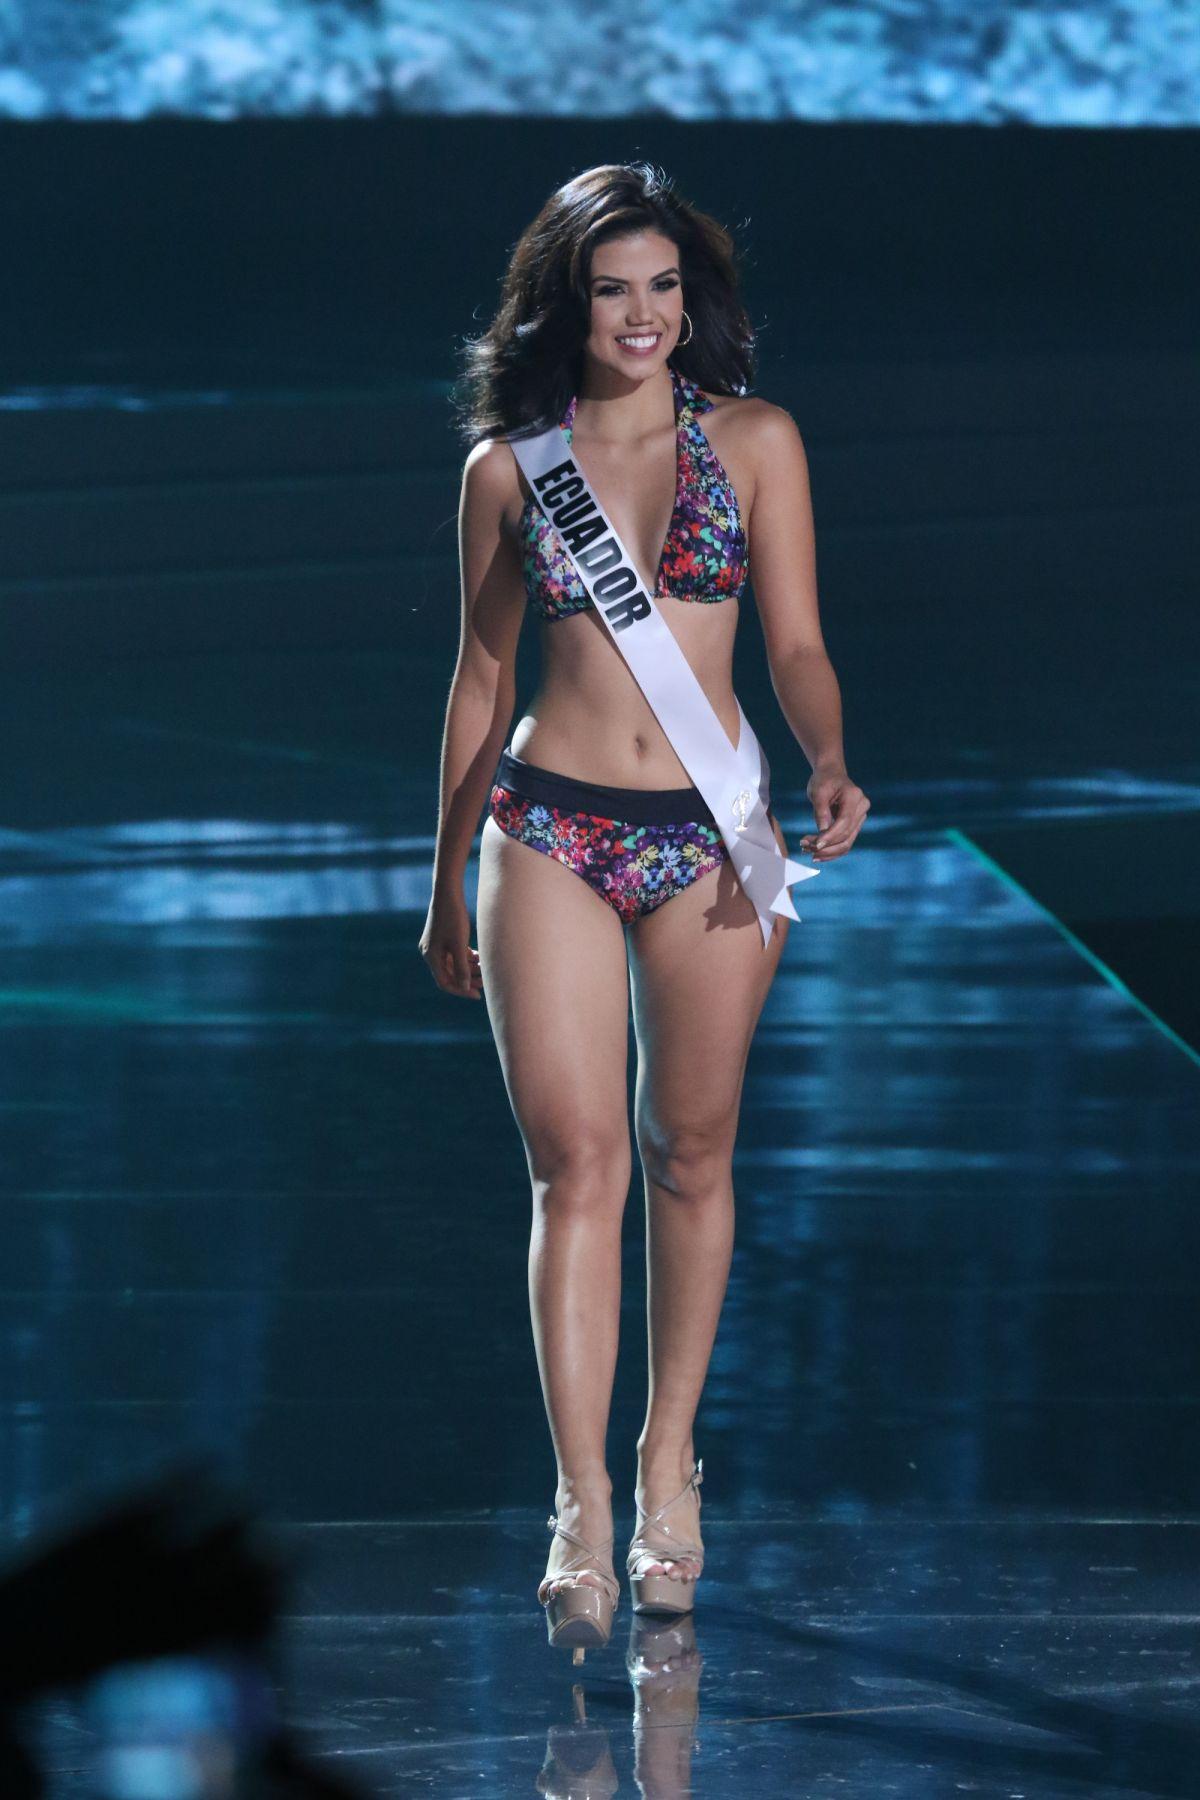 FRANCESCA CIPRIANO - Miss Universe 2015 Preliminary Round 12/16/2015